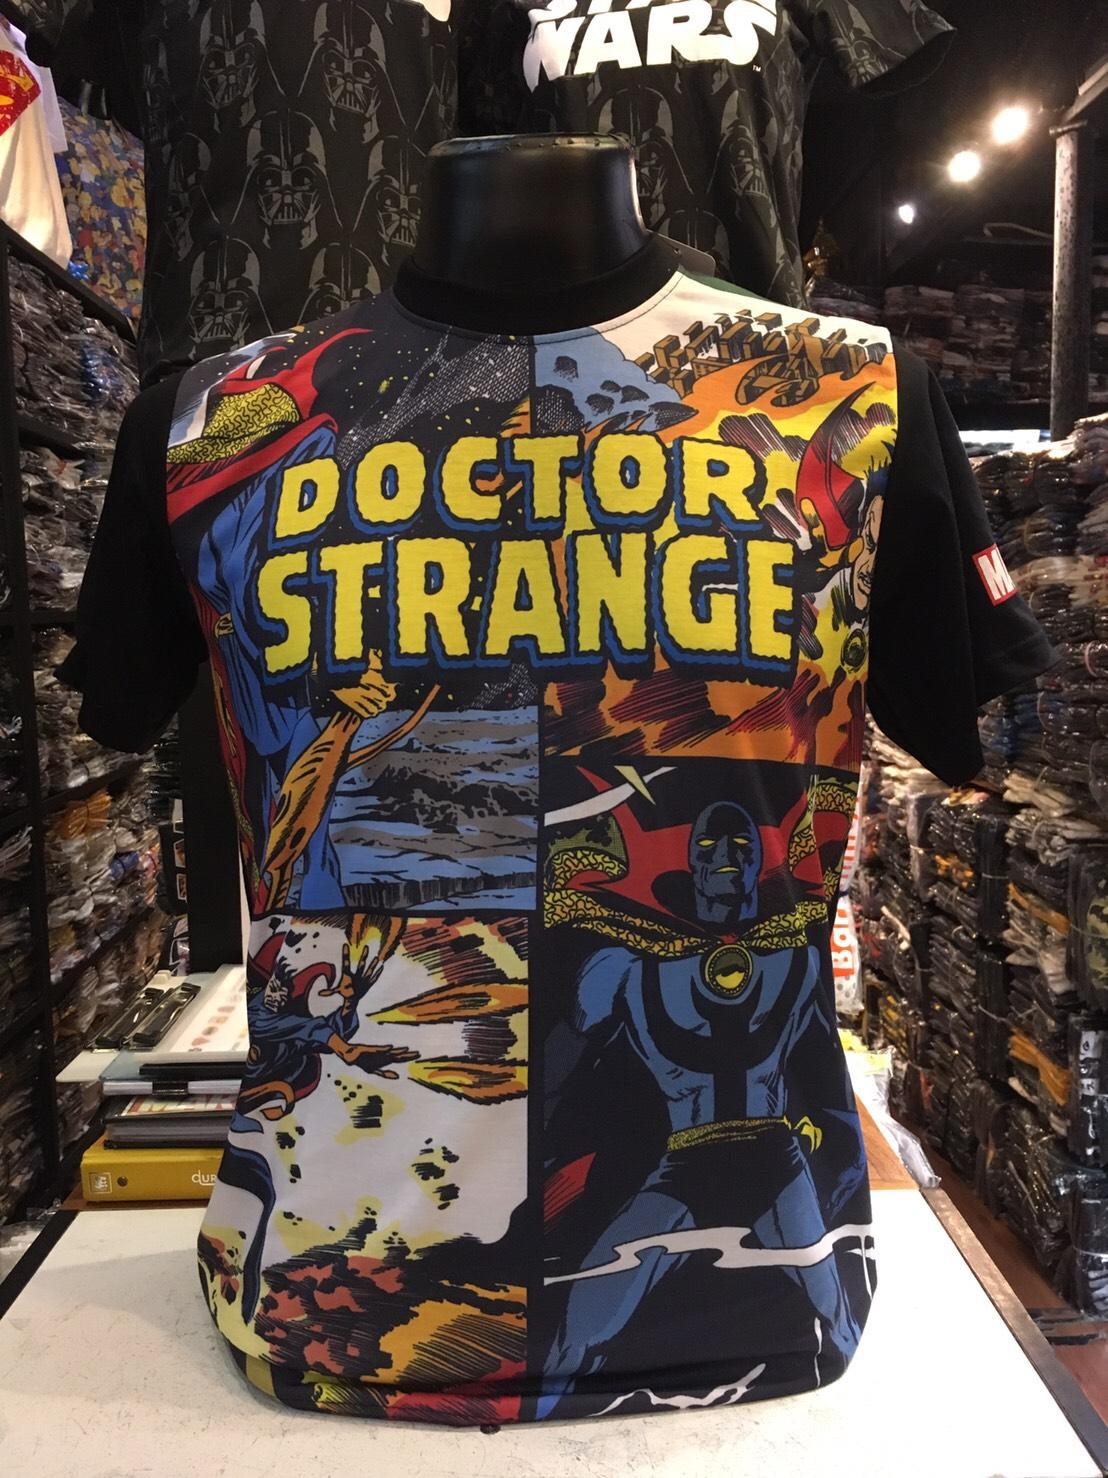 มาร์เวล สีดำ (MVH-Doctor strange comic CODE:0658)